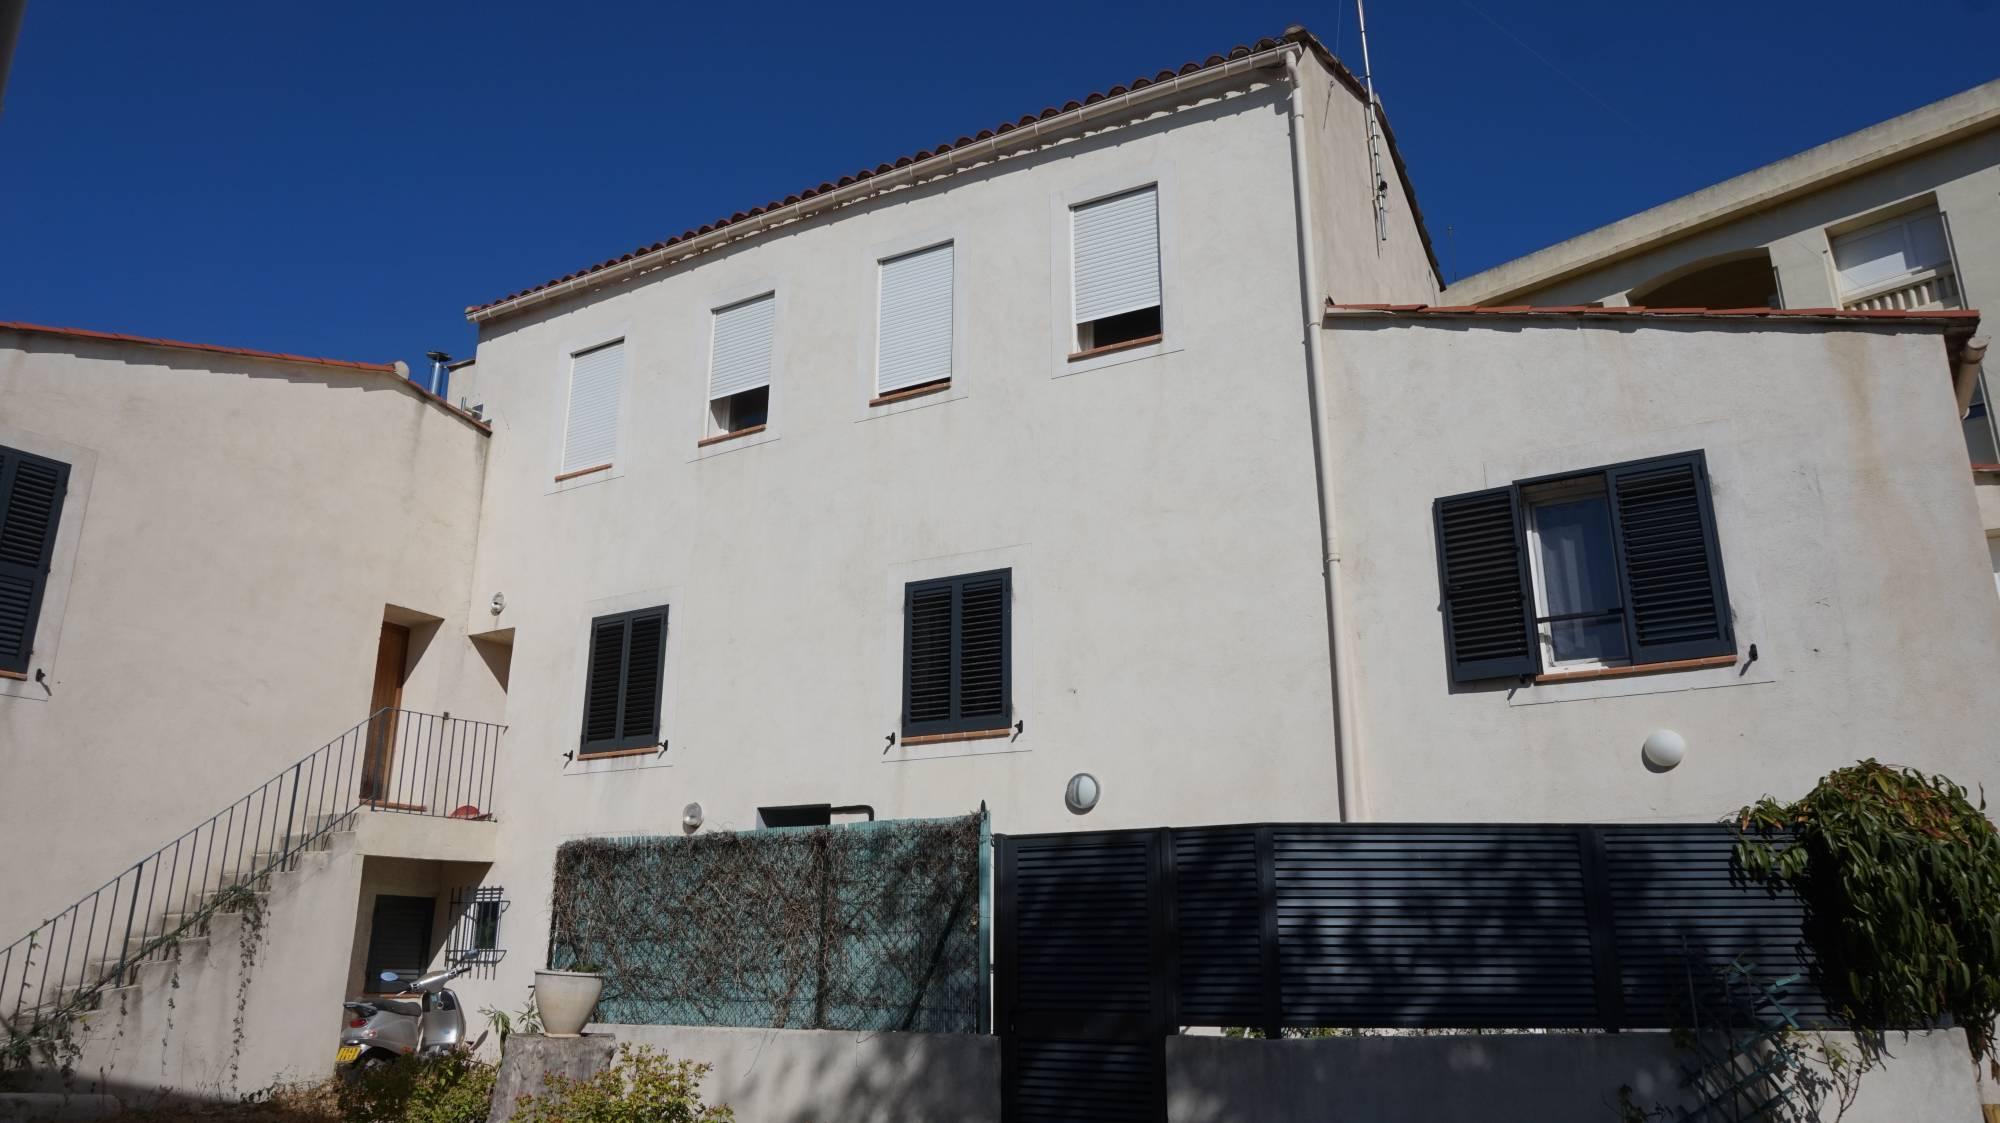 Maison Avec Piscine Et Jardin À Louer Marseille 13 ... pour Piscine Bonneveine